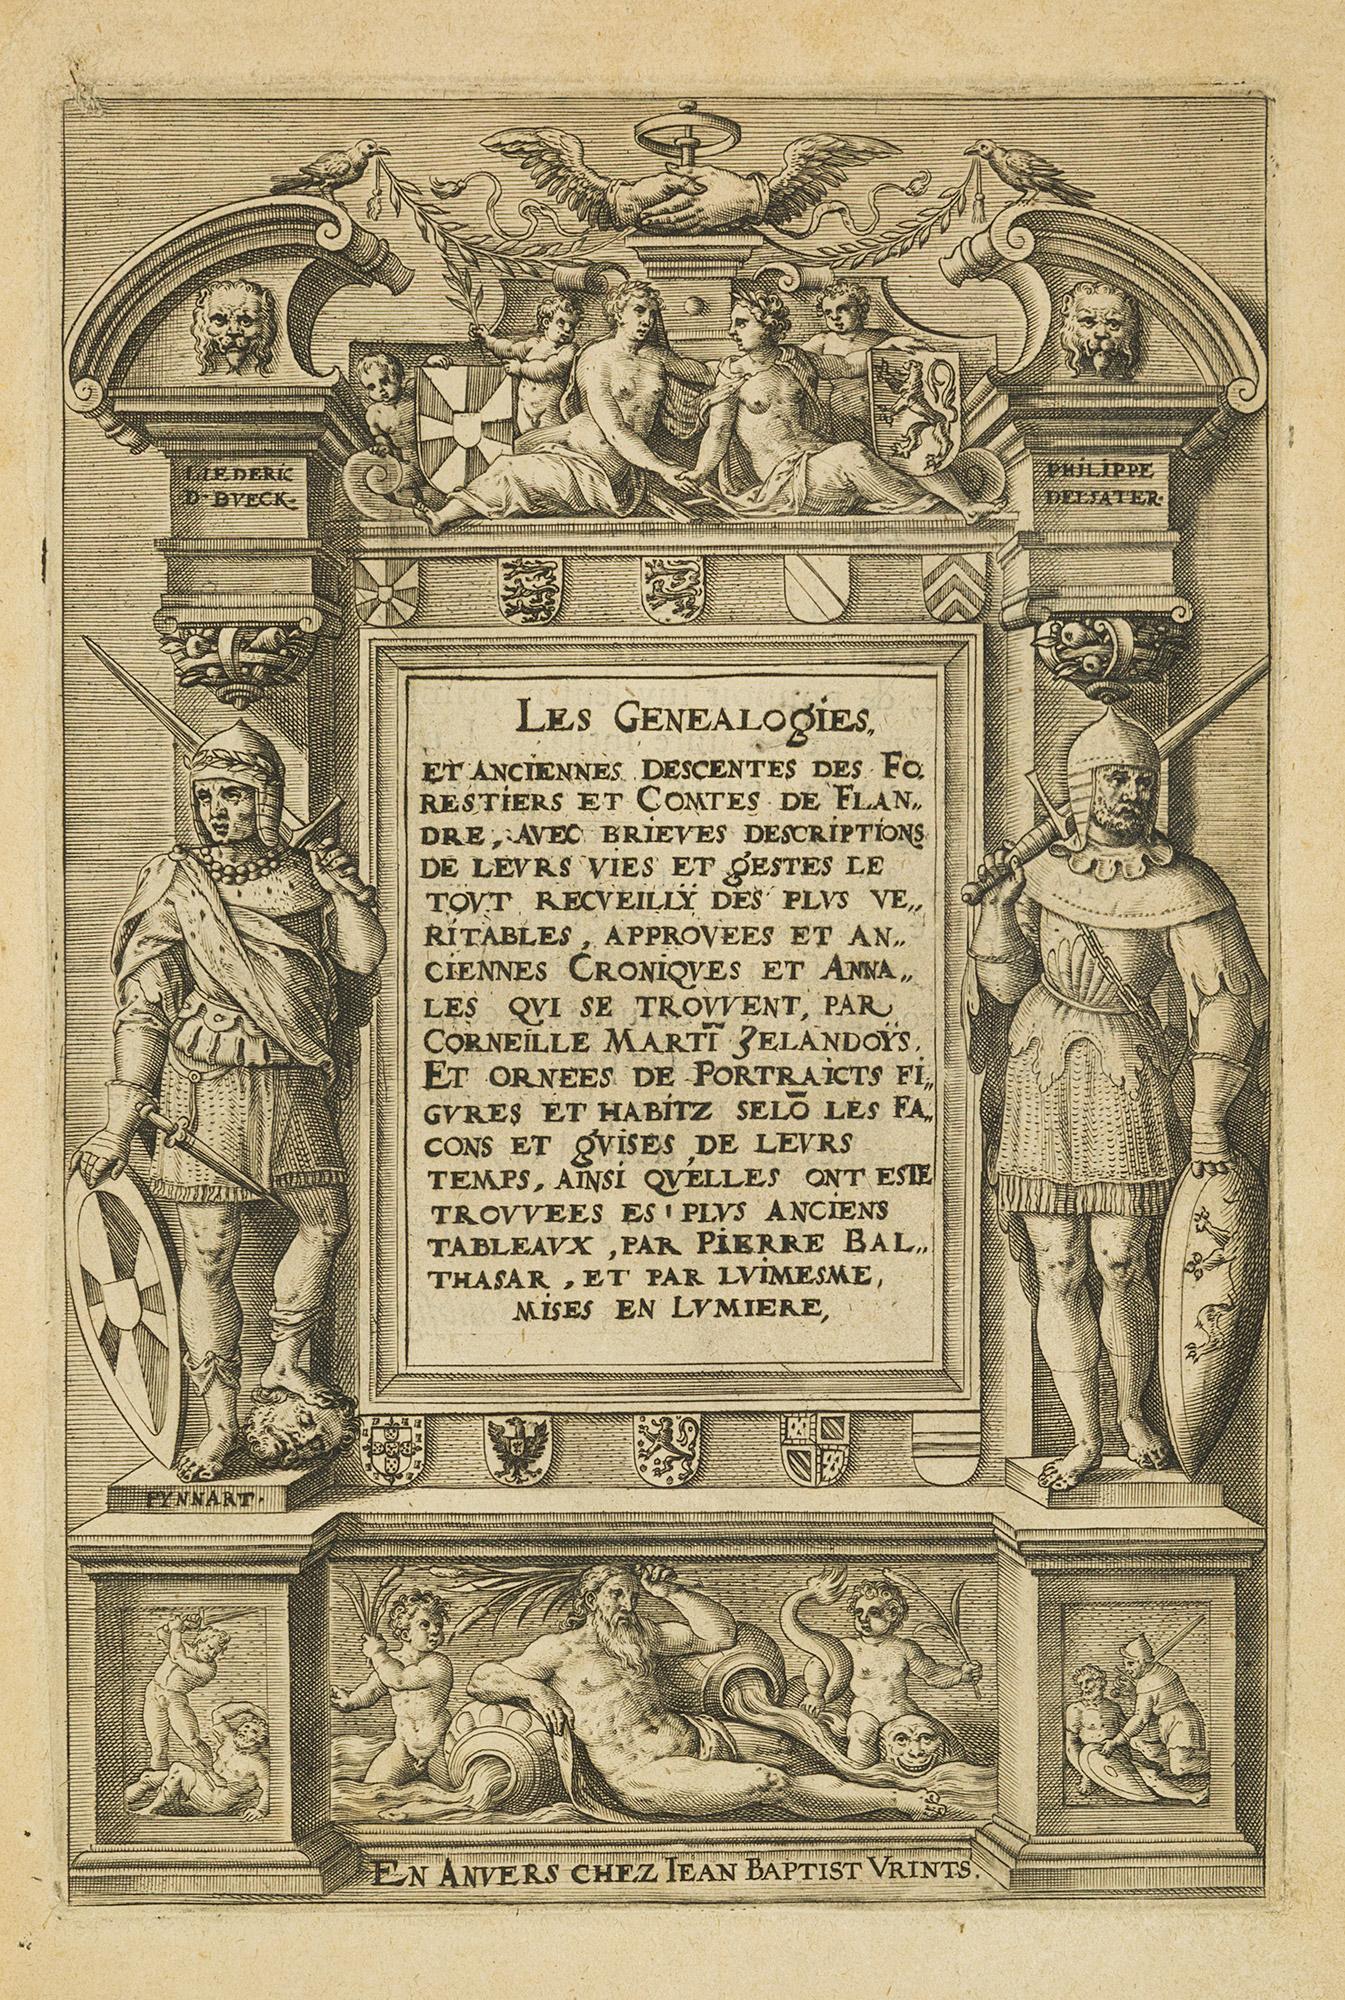 Les genealogies et anciennes descentes des Forestiers et Comtes de Flandre avec brieves descriptions de leurs vies et gestes